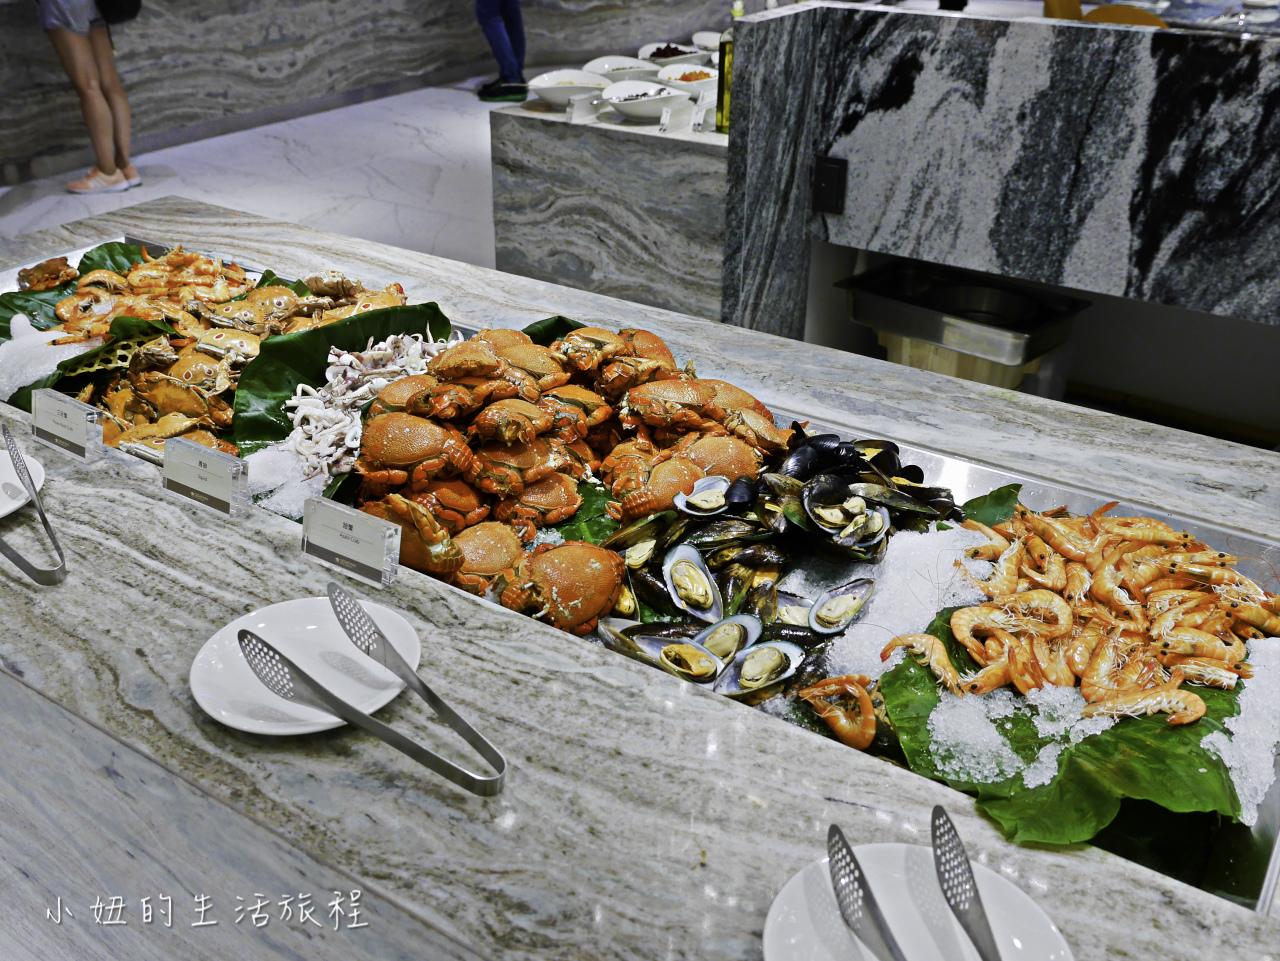 板橋凱撒大飯店,朋派自助餐-17.jpg